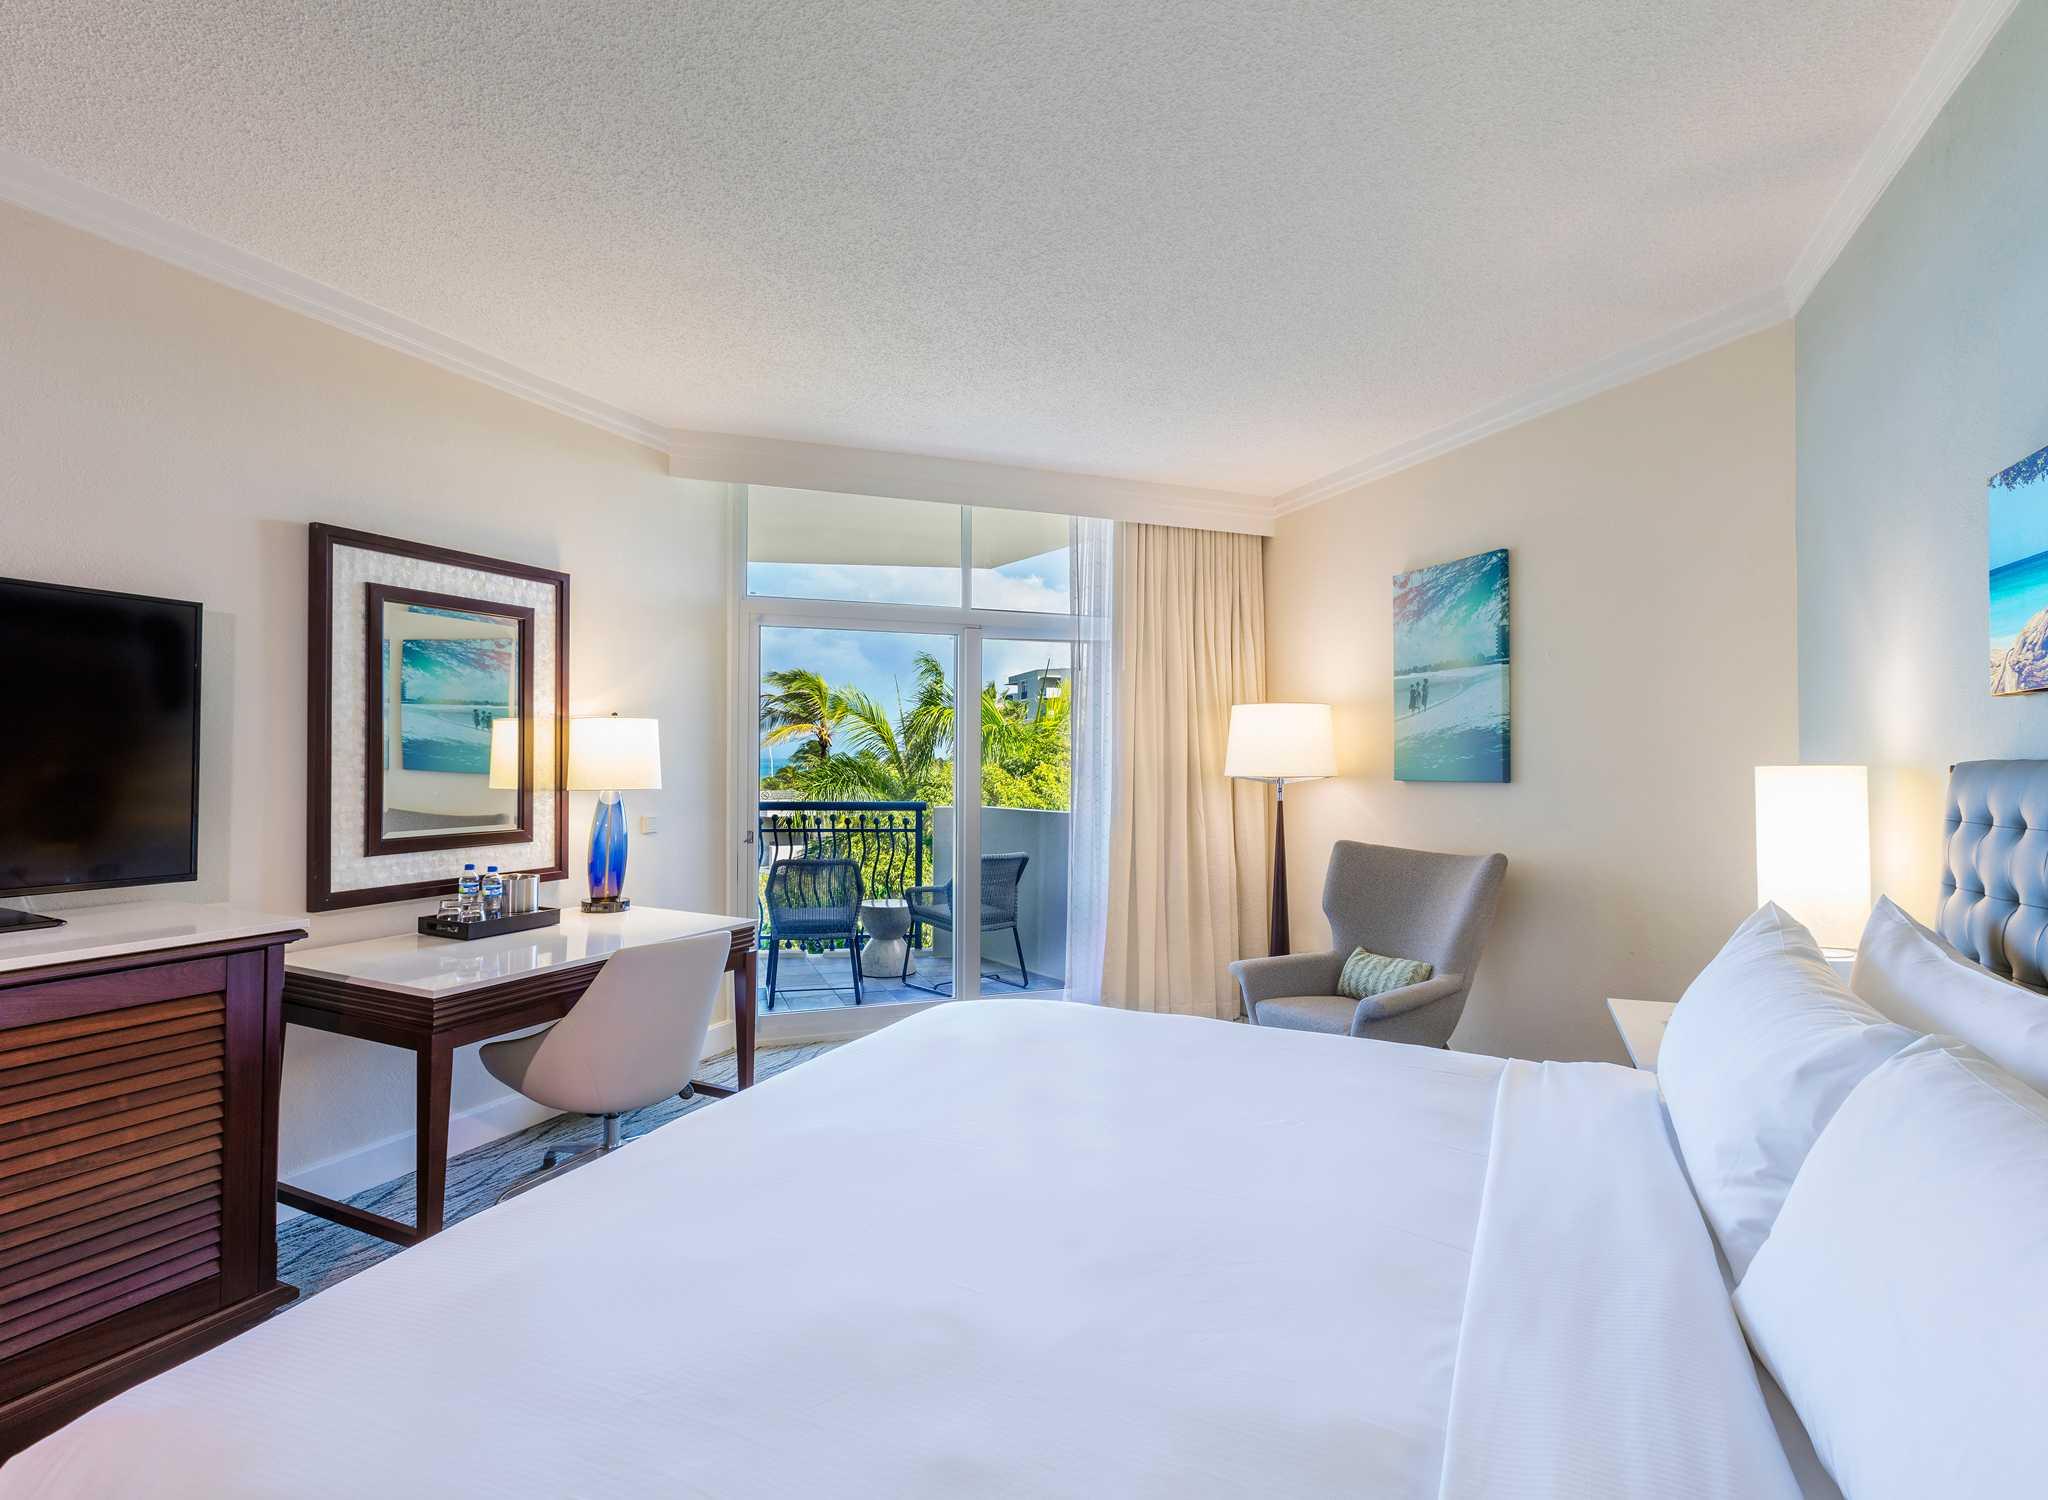 Hotel Hilton Aruba Caribbean Resort Habitaciones Nuevas Habitación Con Cama